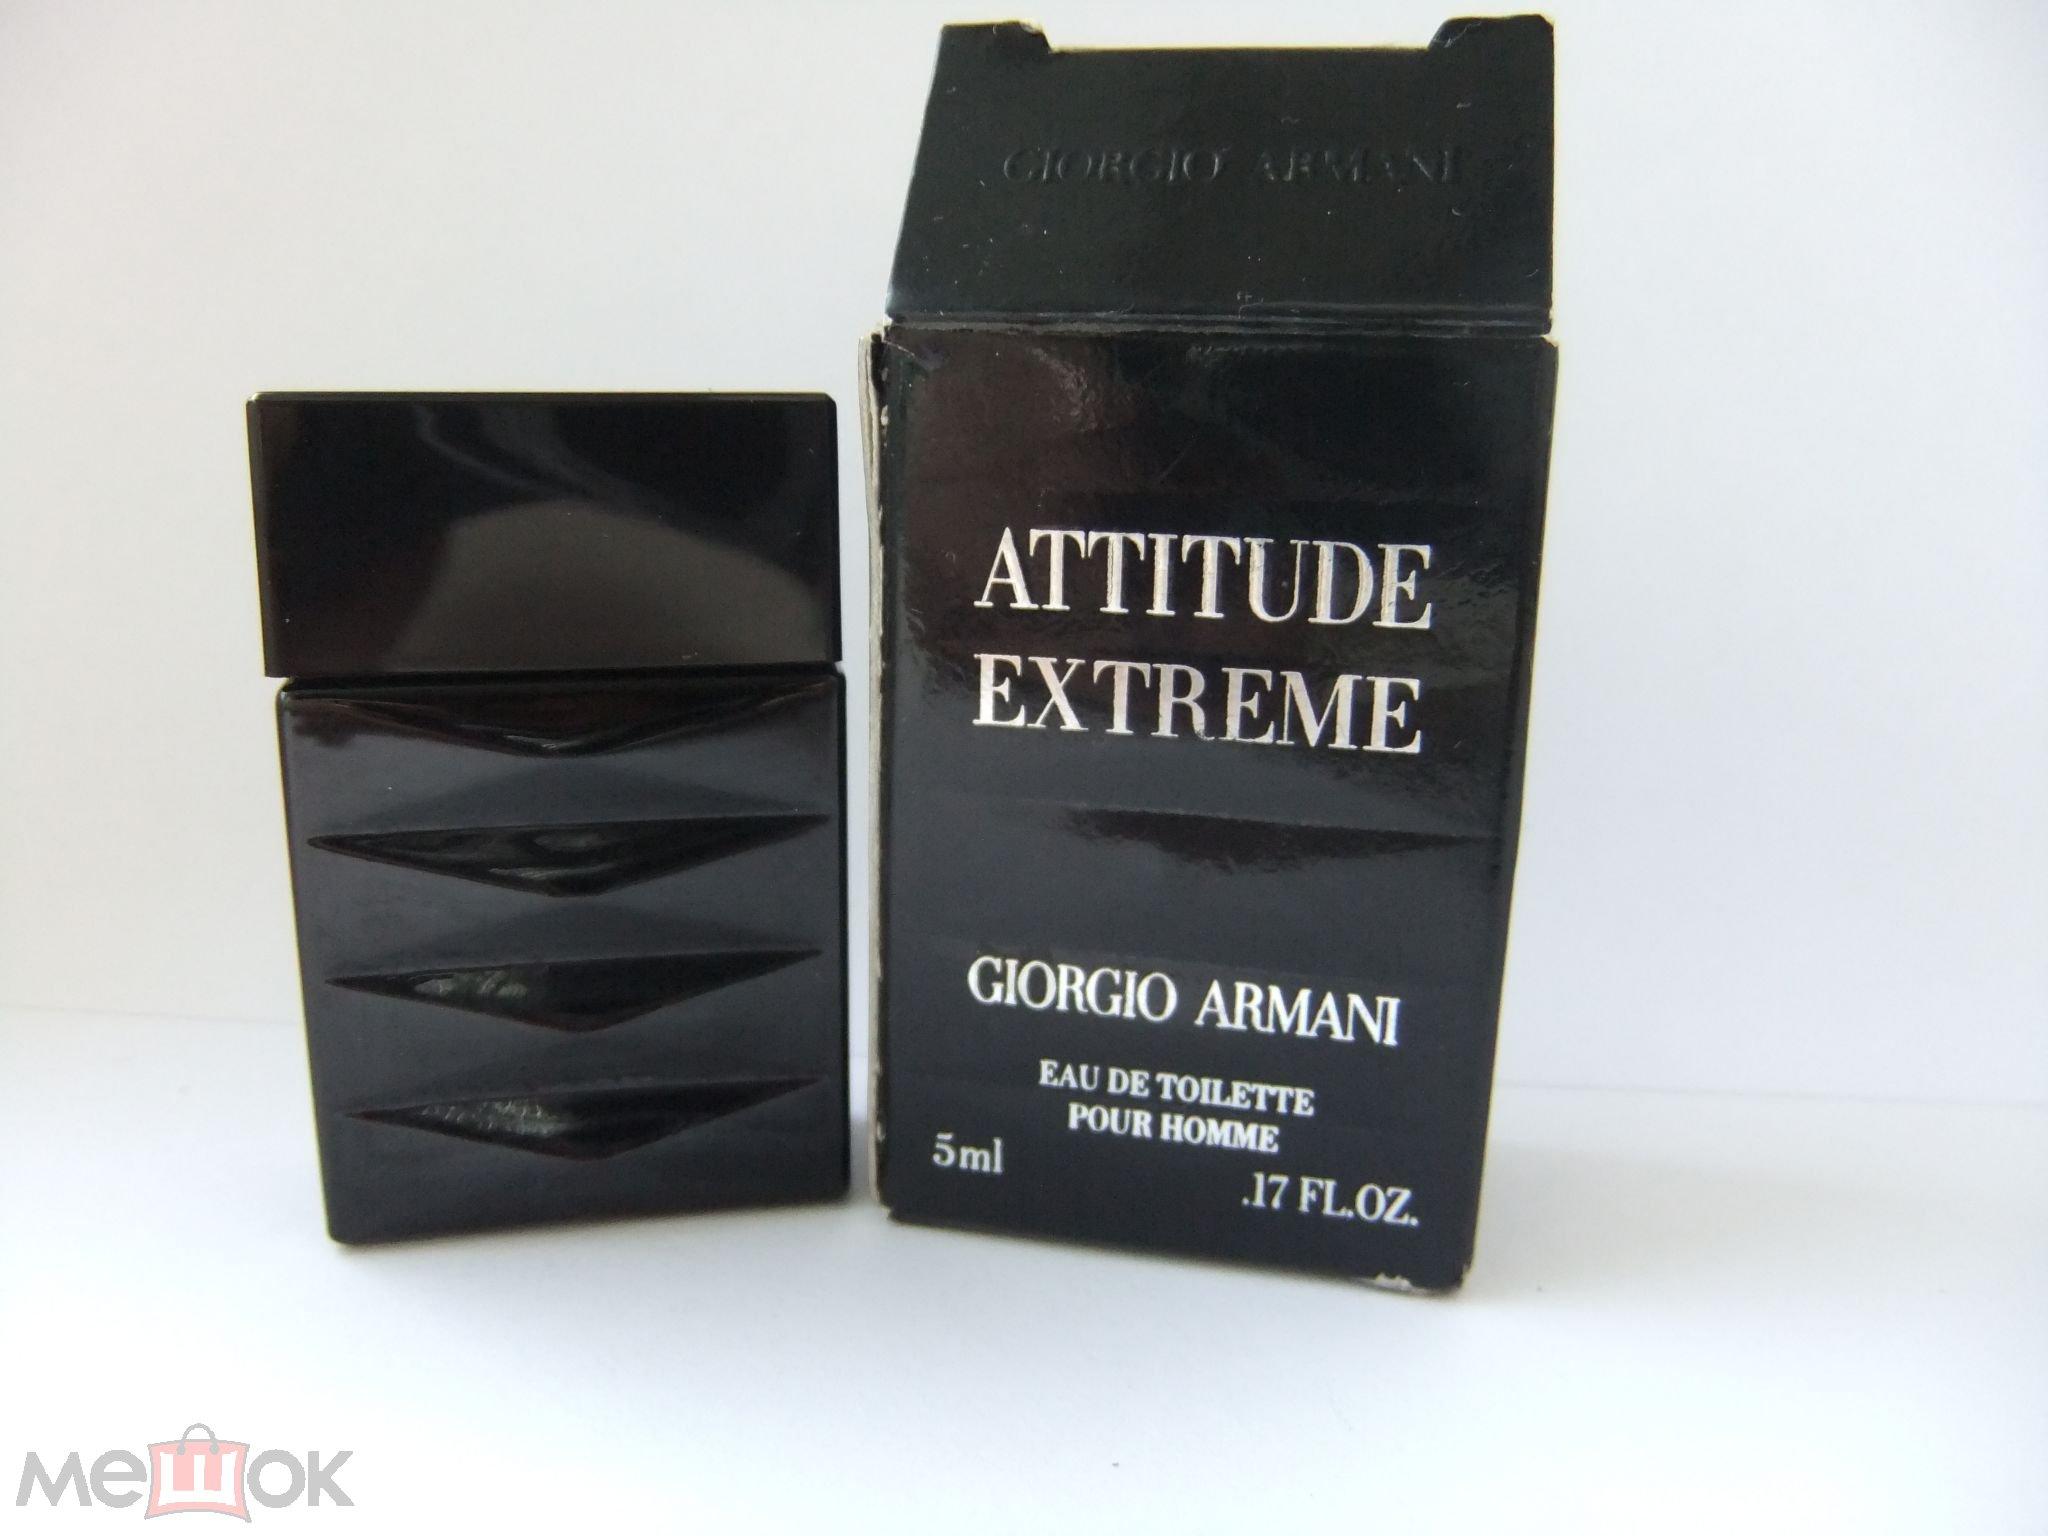 Attitude Extreme Giorgio Armani Edt 5 Ml